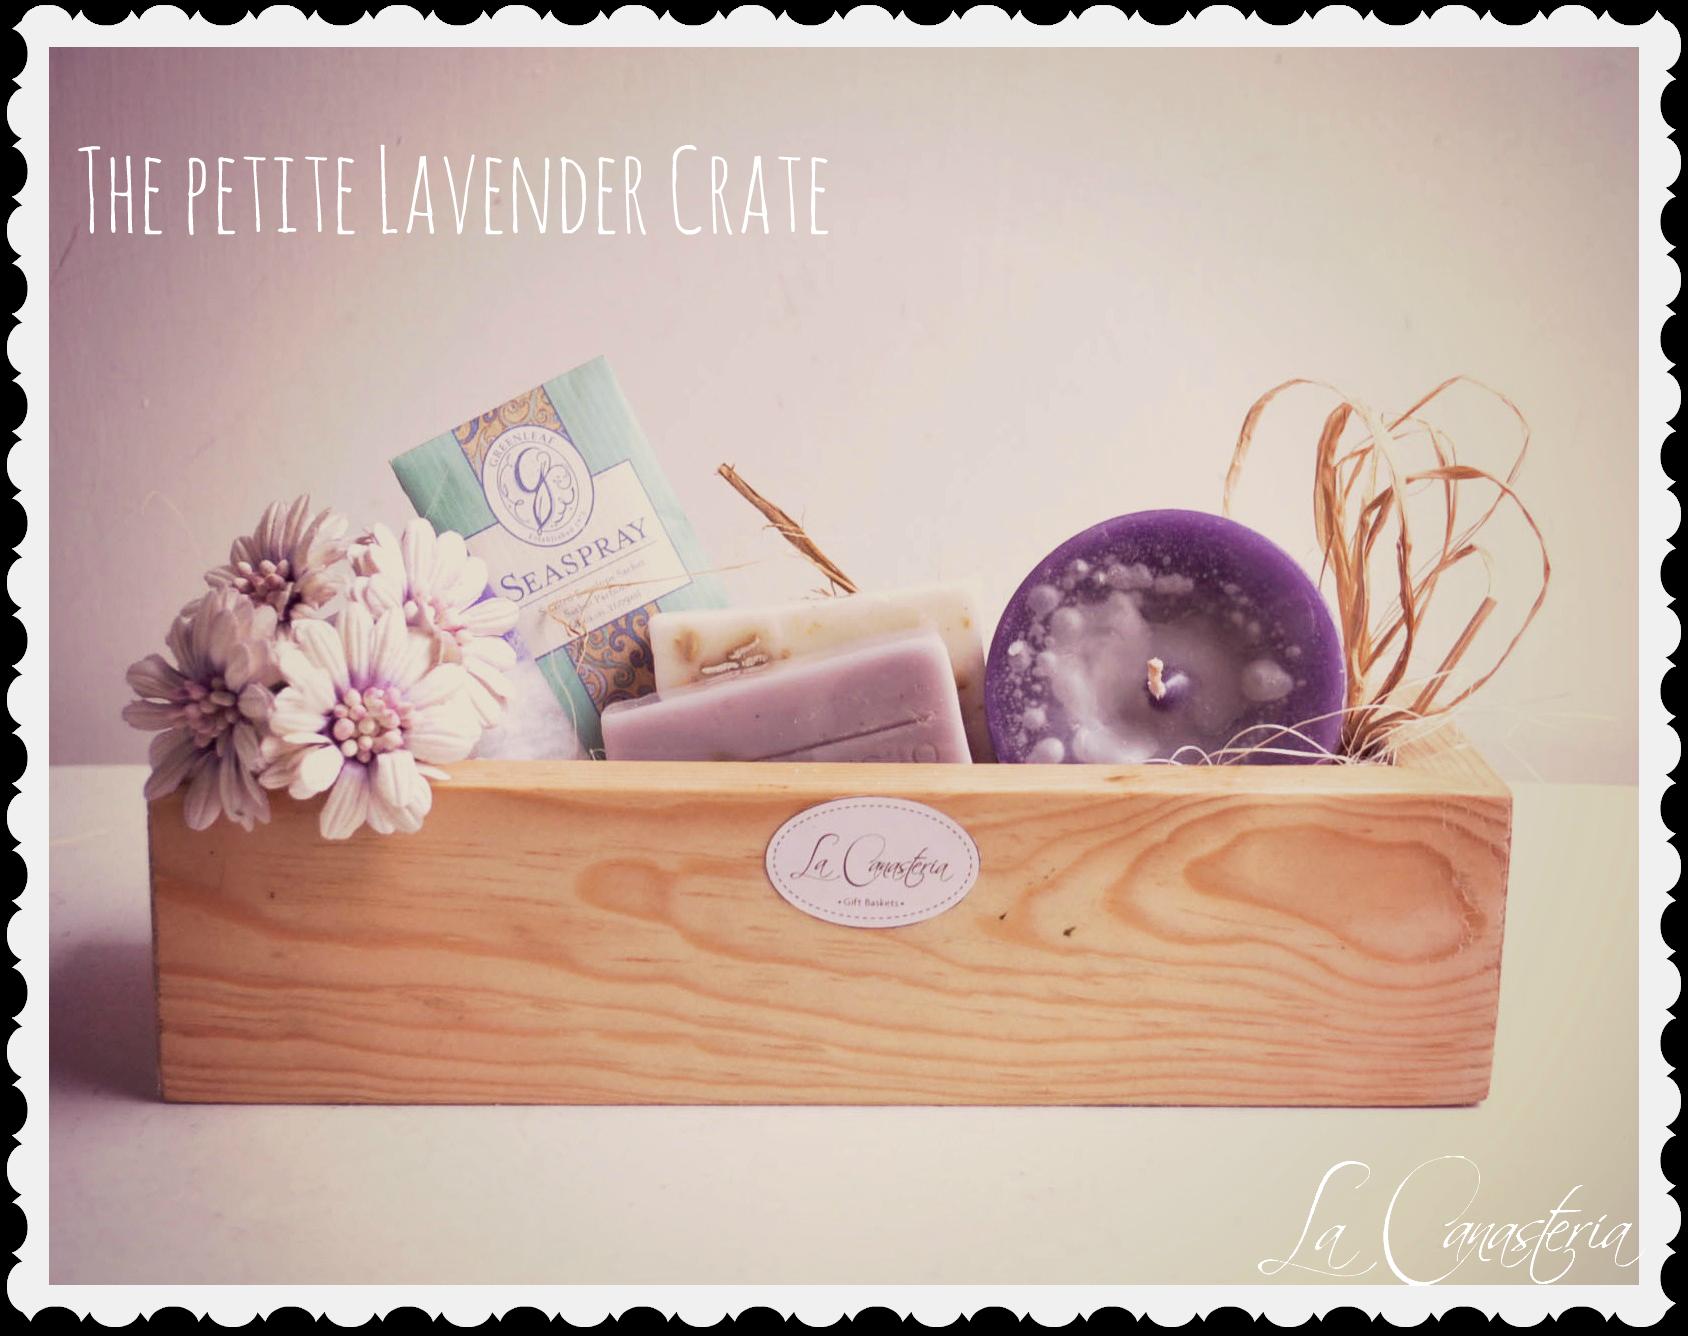 Canastas con productos de spa puebla blog la canasteria - Articulos para spa ...